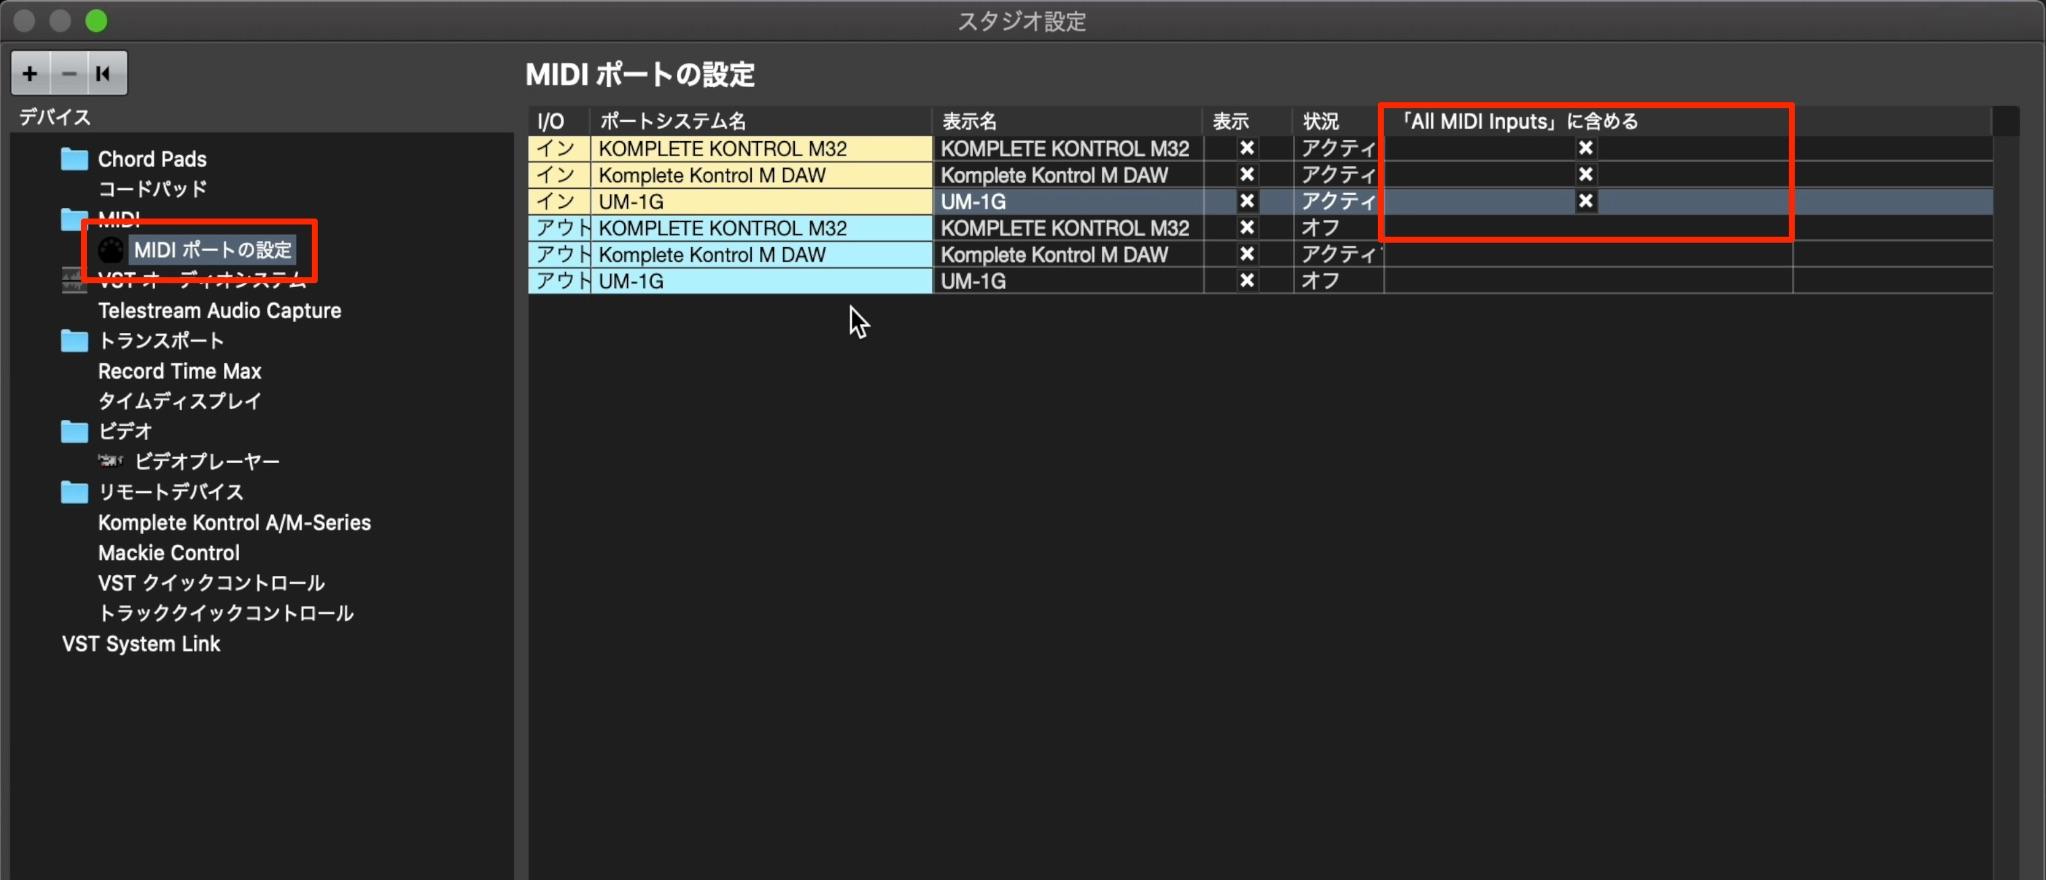 All__MIDI_Inputs